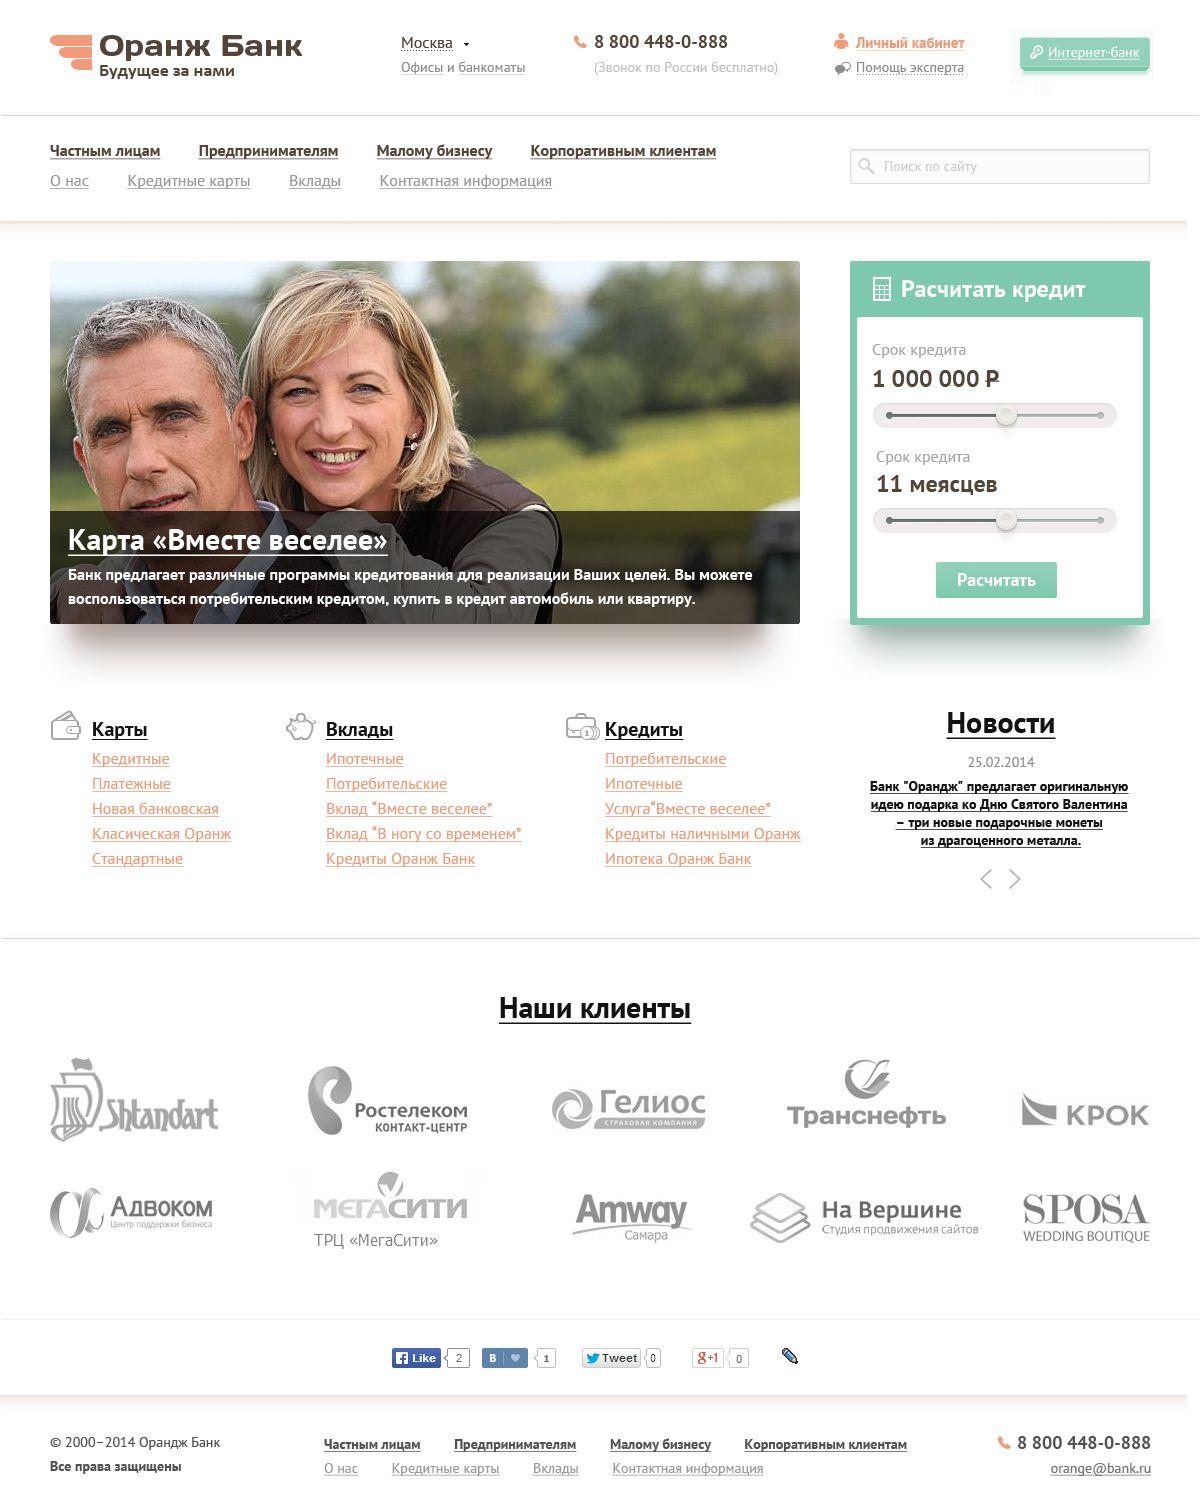 Креативный дизайн Главной страницы Банка - дизайнер Evgen555